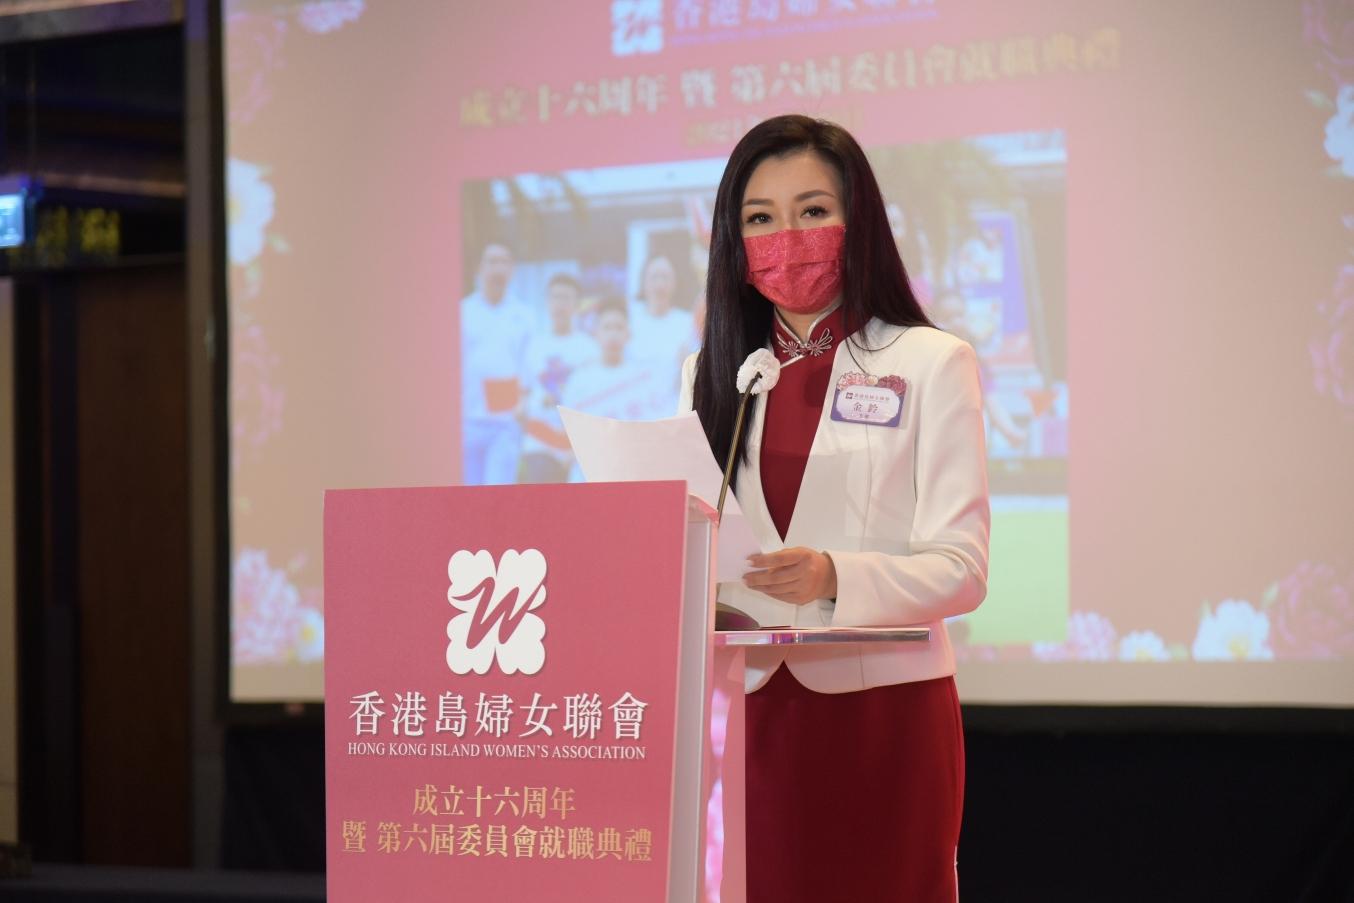 香港島婦女聯會第六屆委員會主席金鈴女士為典禮致辭。_2.JPG